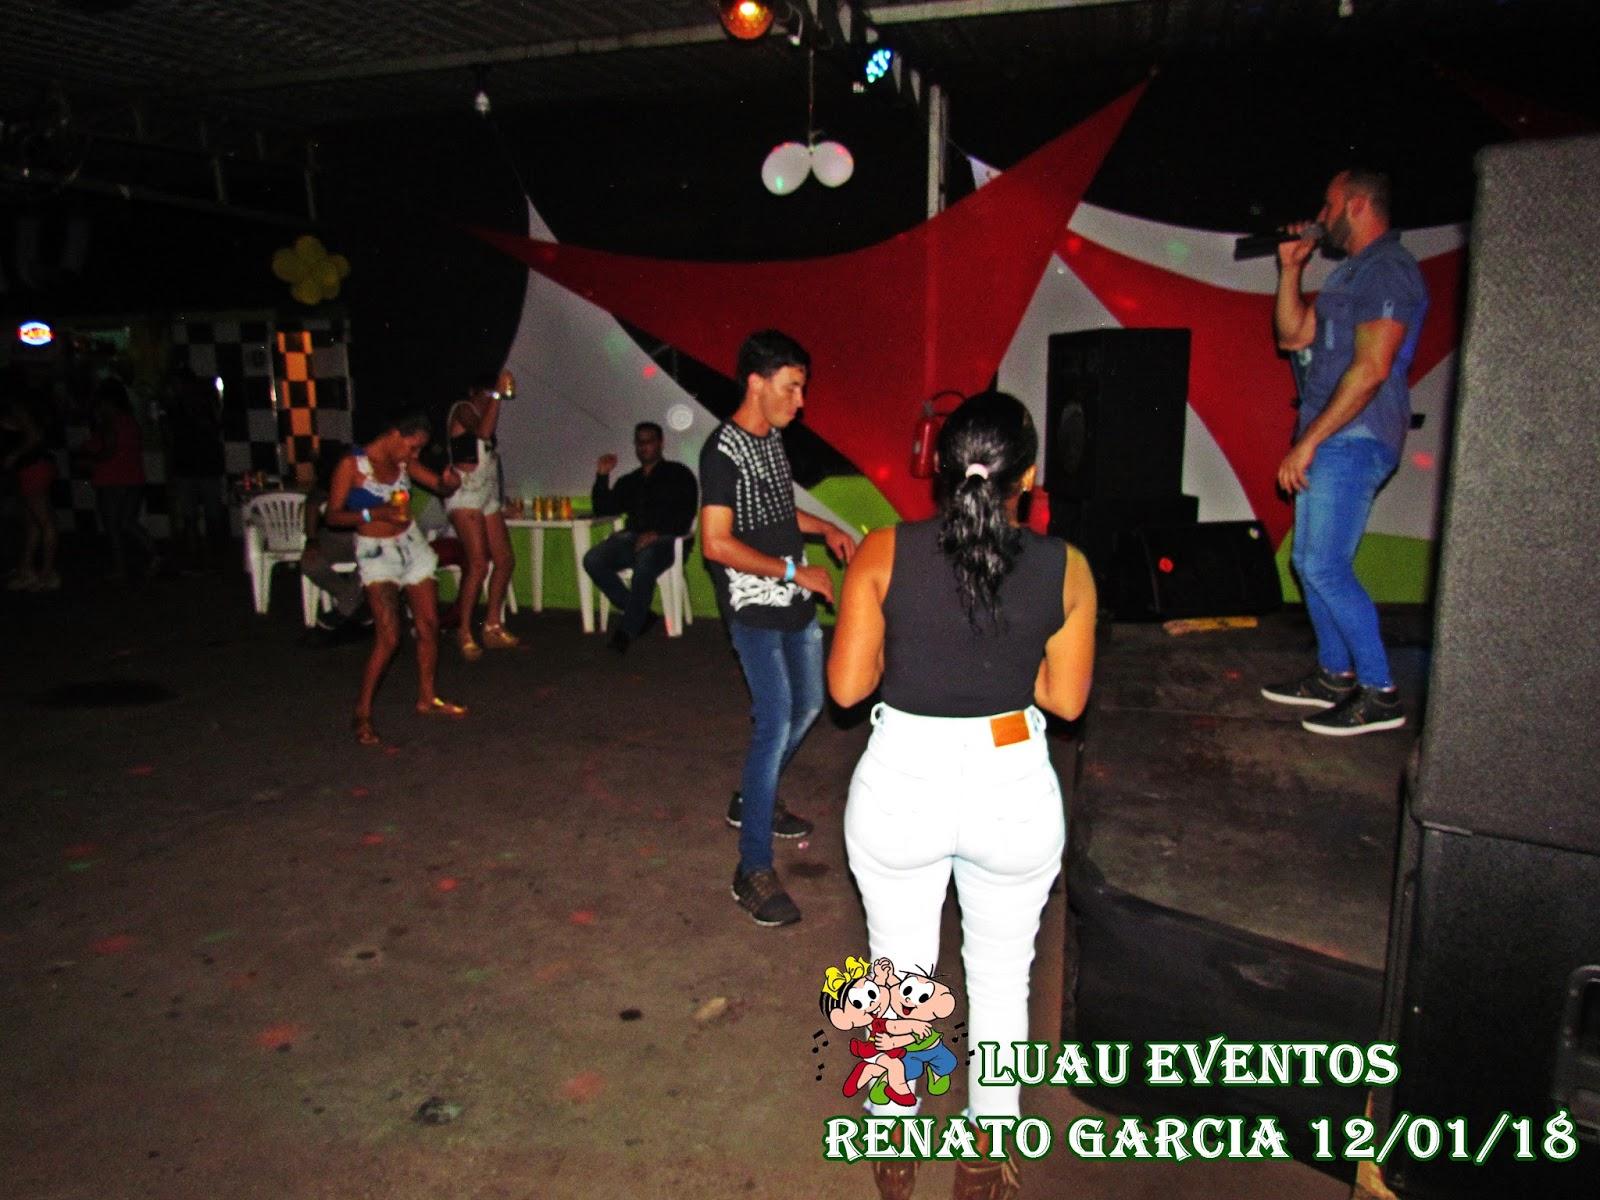 LUAU EVENTOS: RENATO GARCIA E CONVIDADOS 12/01/18